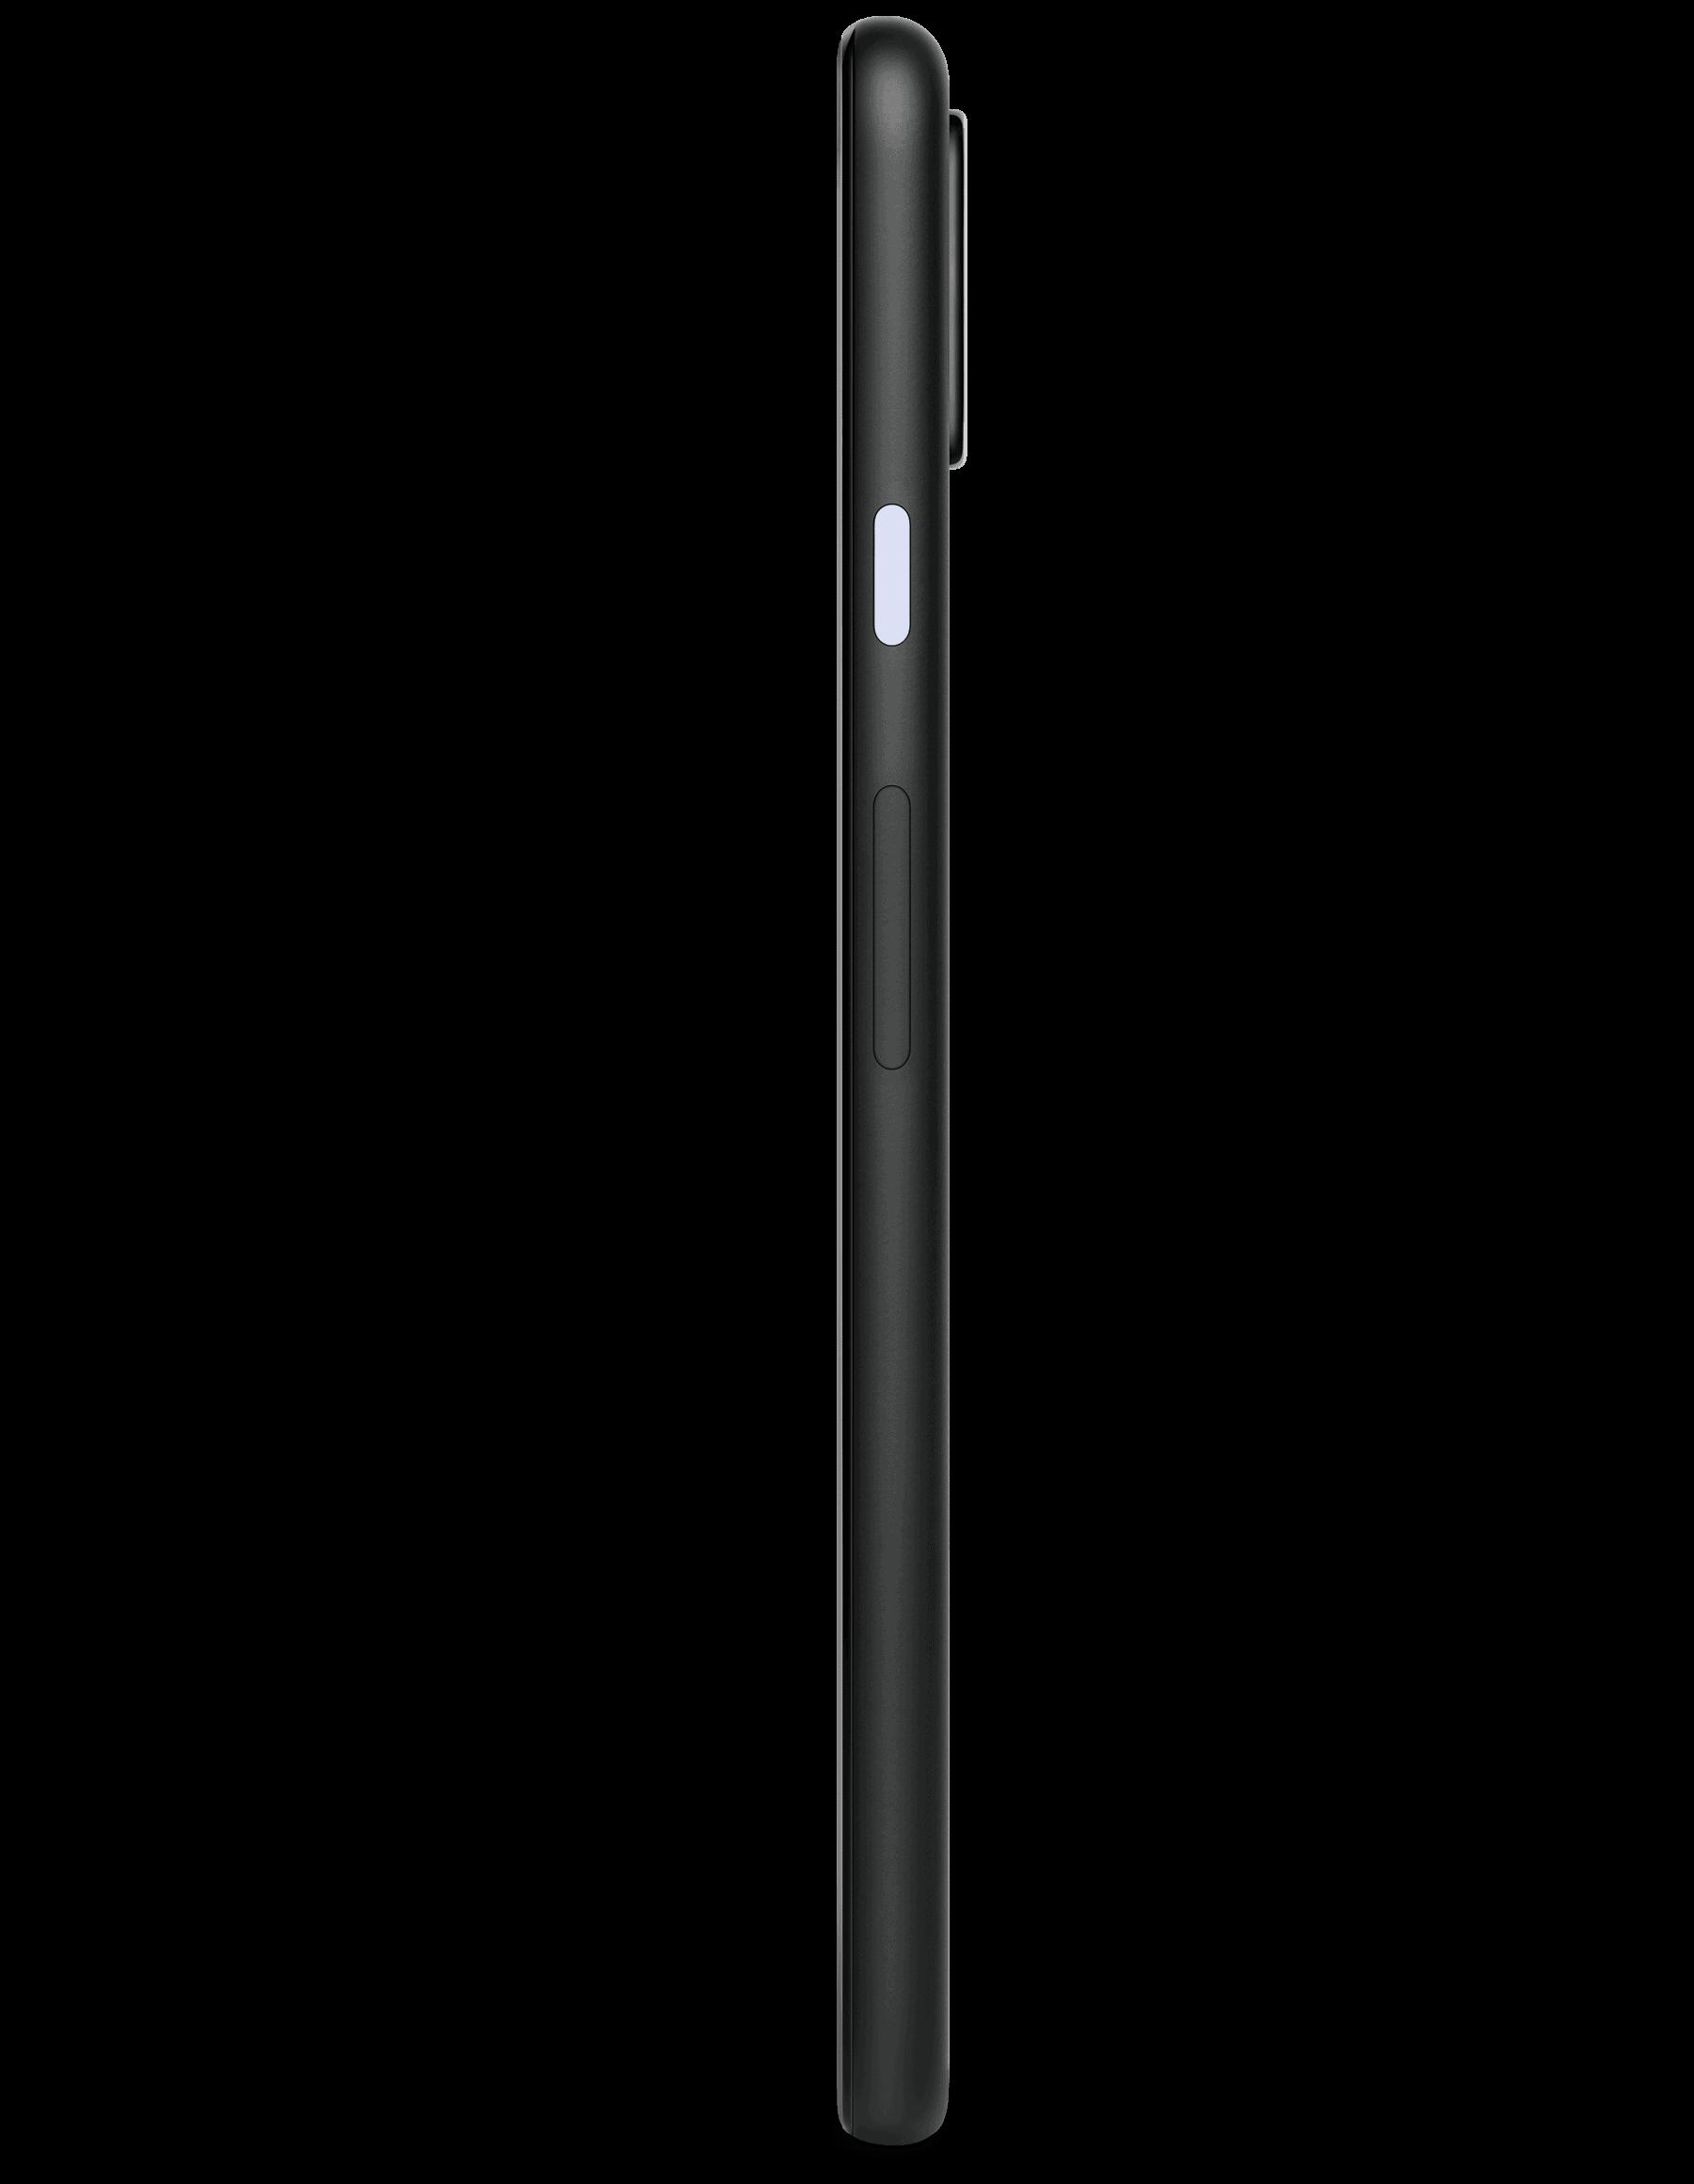 pixel 4a 5g leak 3